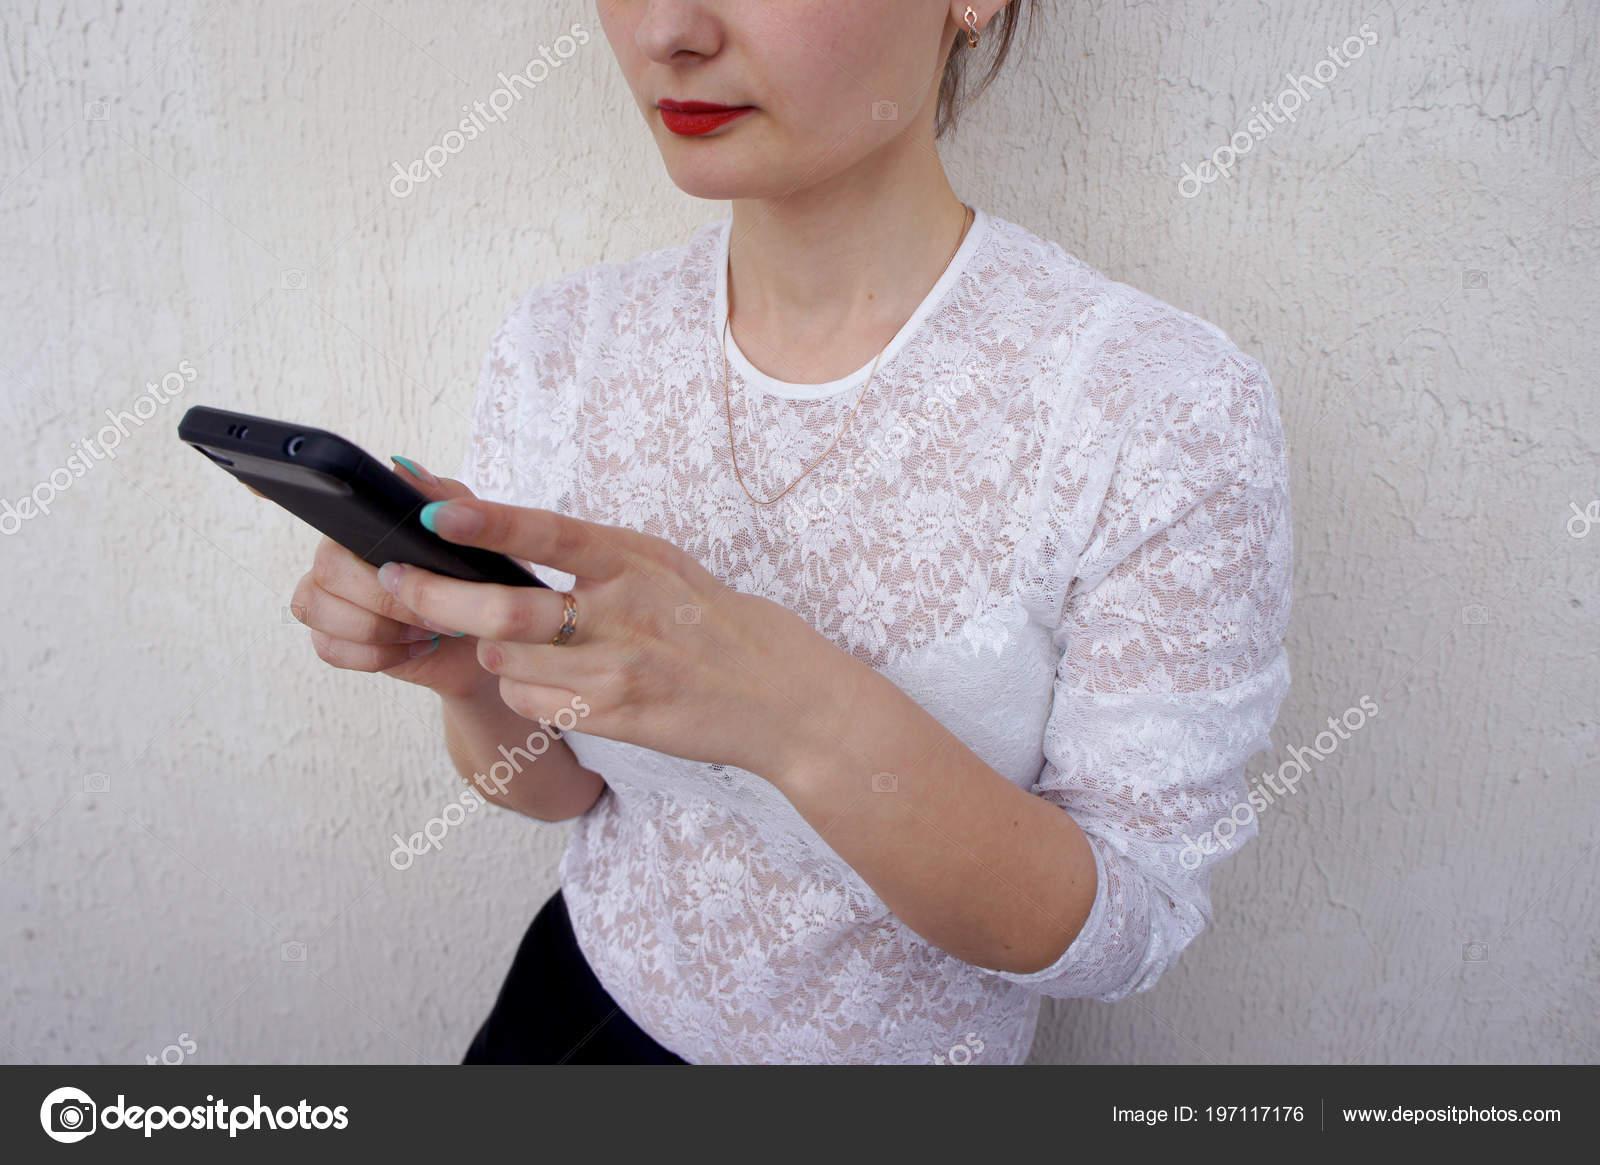 Νεαρή Γυναίκα Στην Λευκή Τιραντάκι Μπλούζα Τηλέφωνο Όμορφα Γυναικεία Χέρια  — Φωτογραφία Αρχείου b6a56265b36